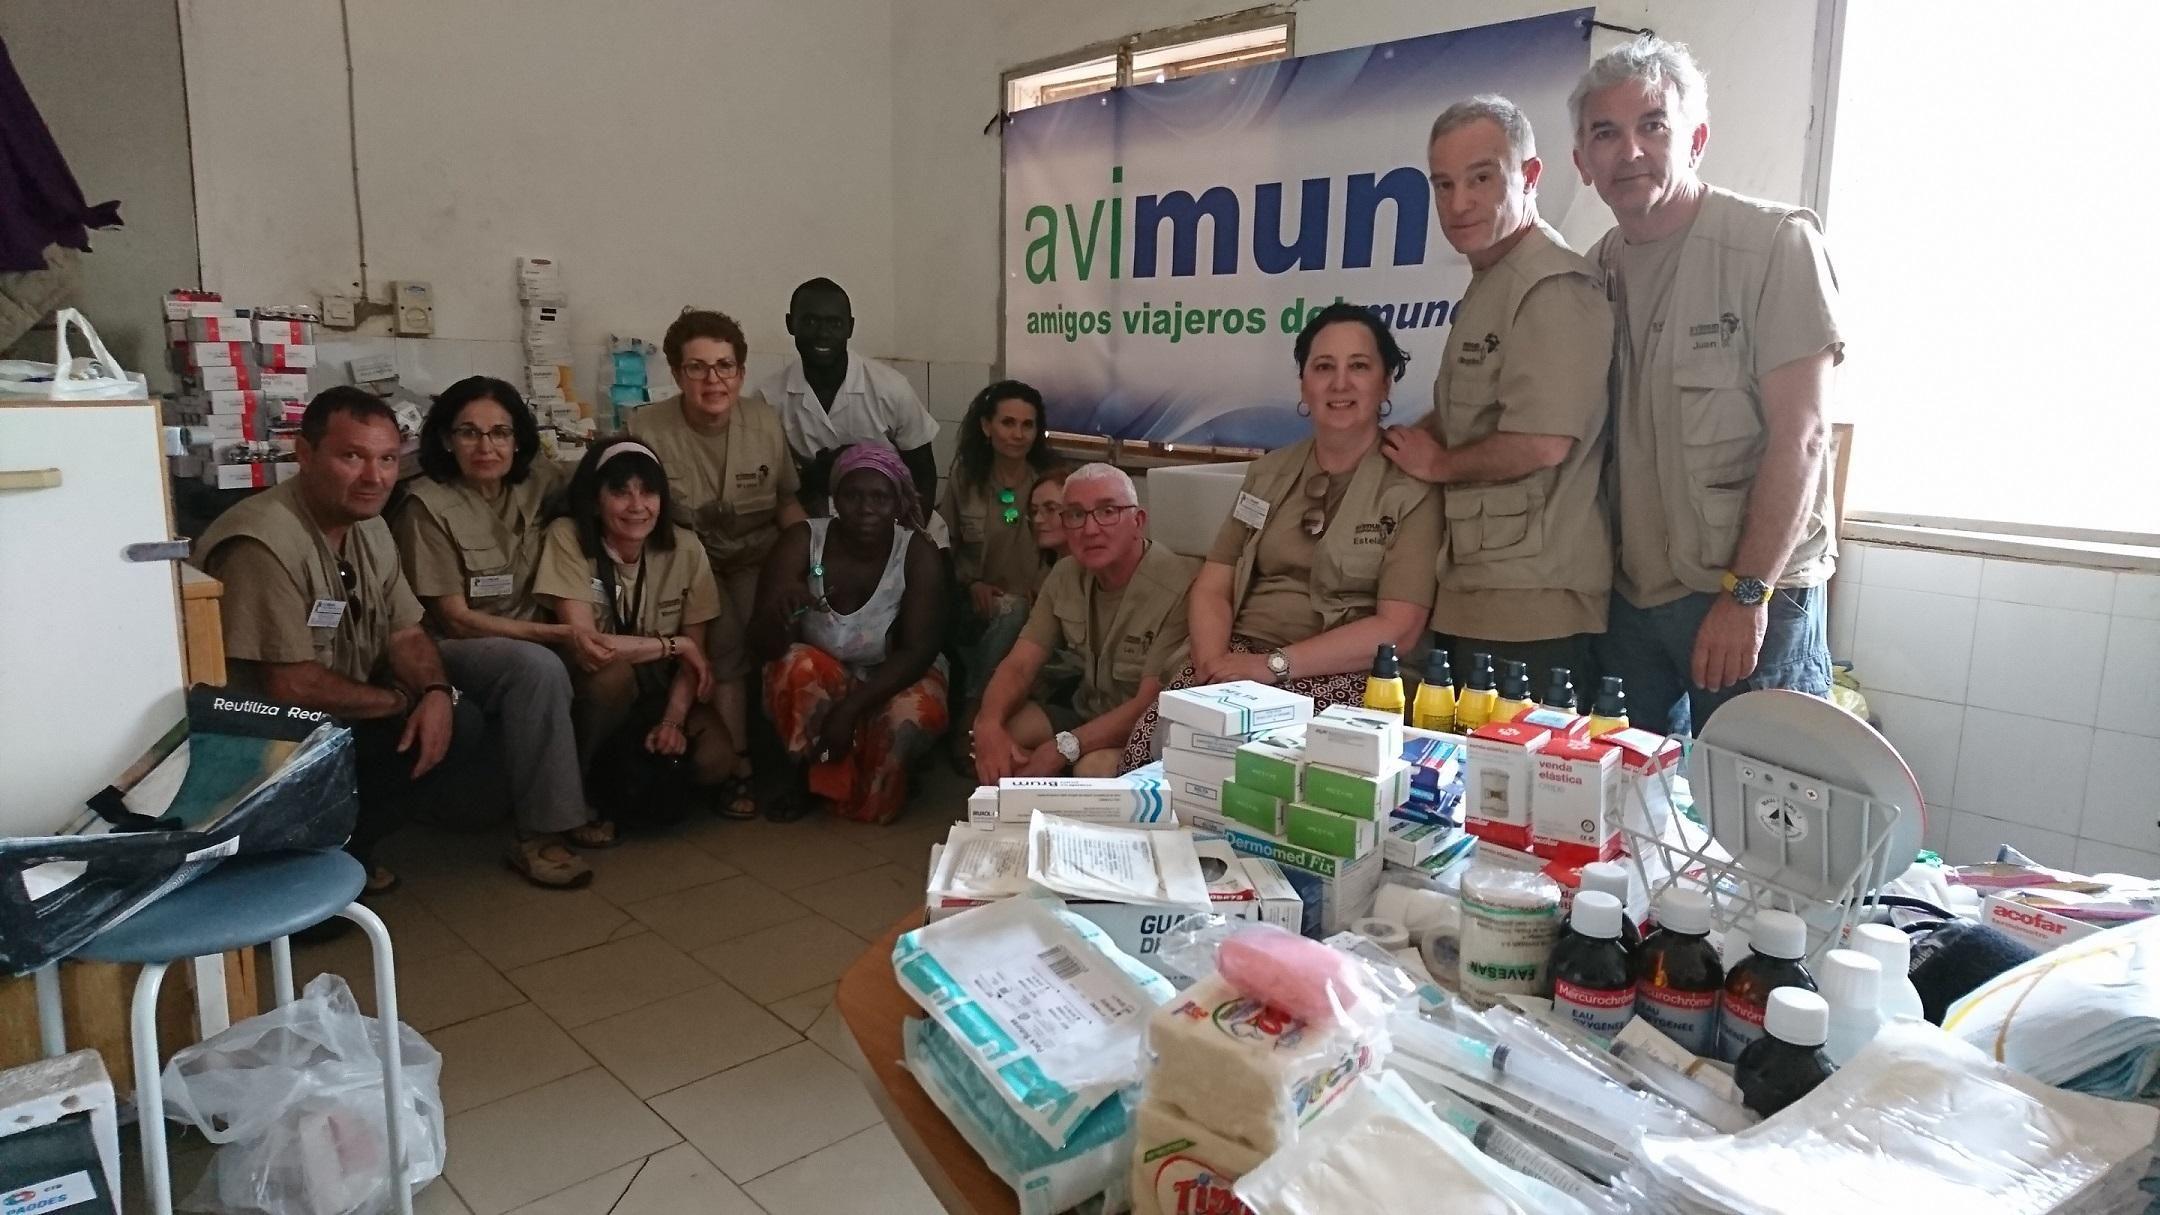 Varios miembros de Avimun, con la entrega de varios medicamentos